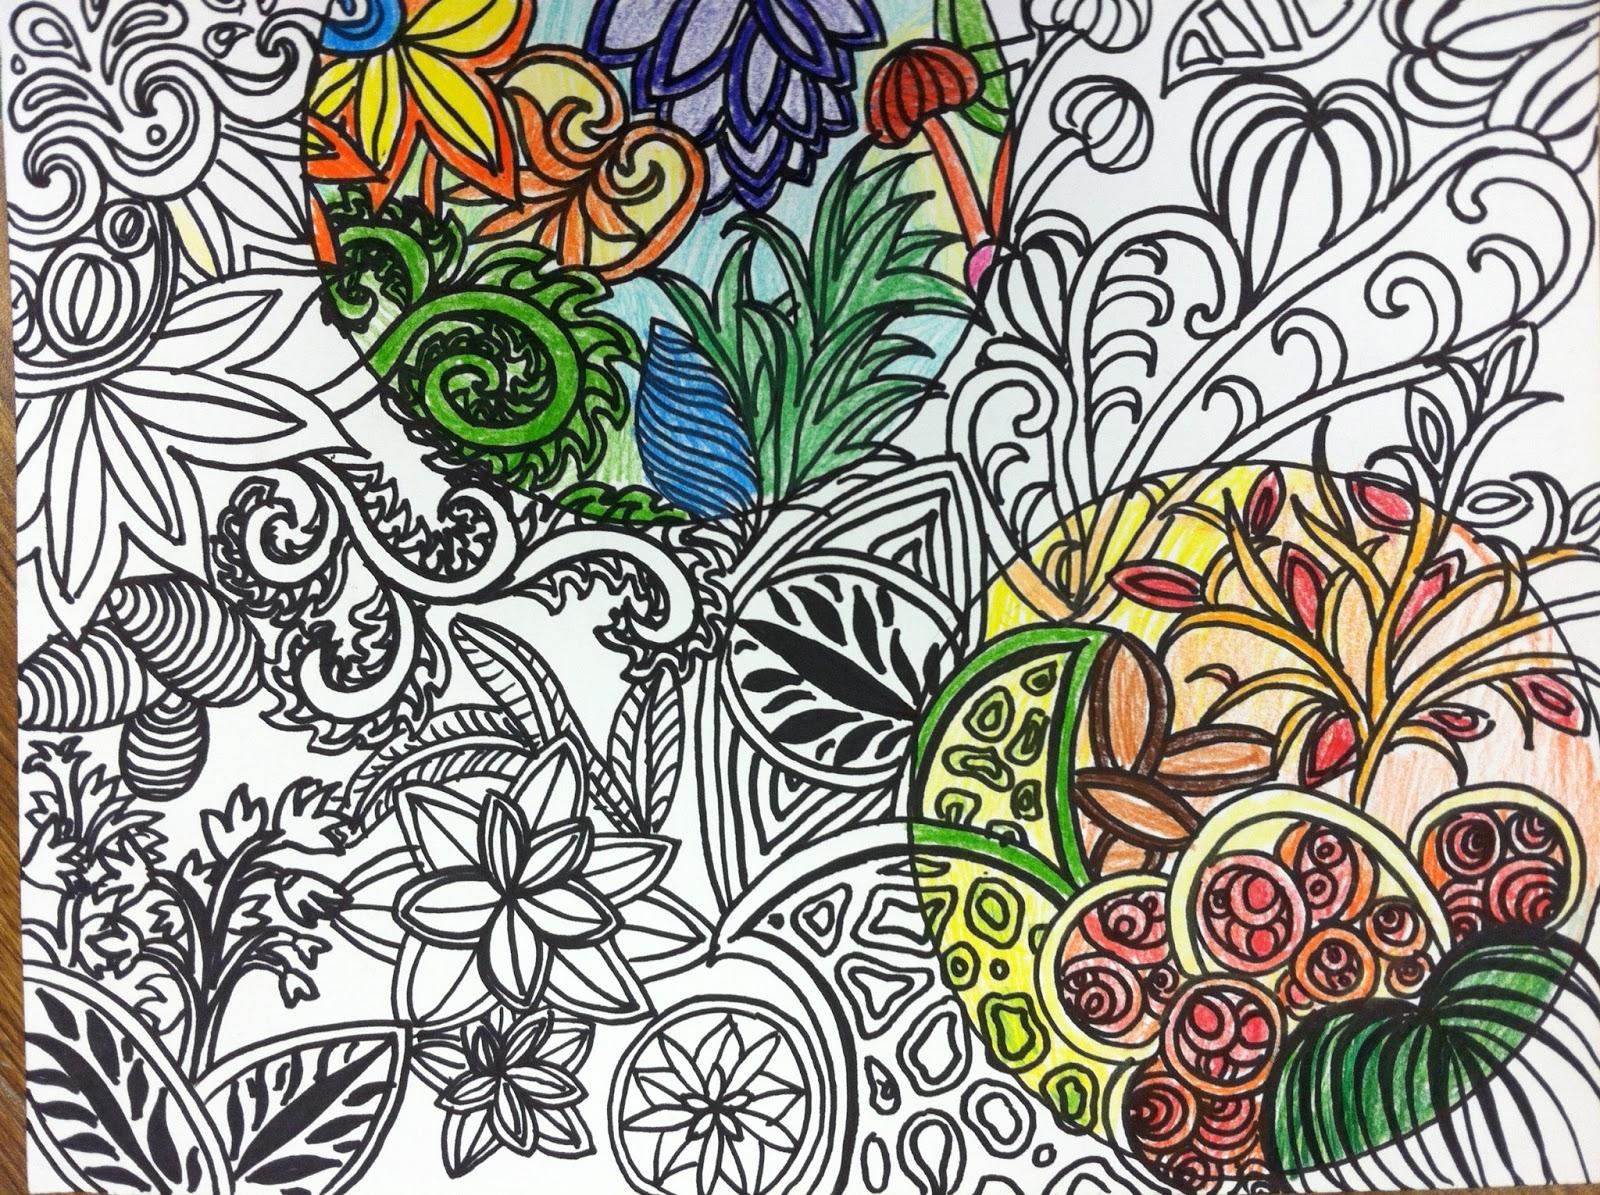 Mrs wille 39 s art room doodle designs - Doodle dessin ...